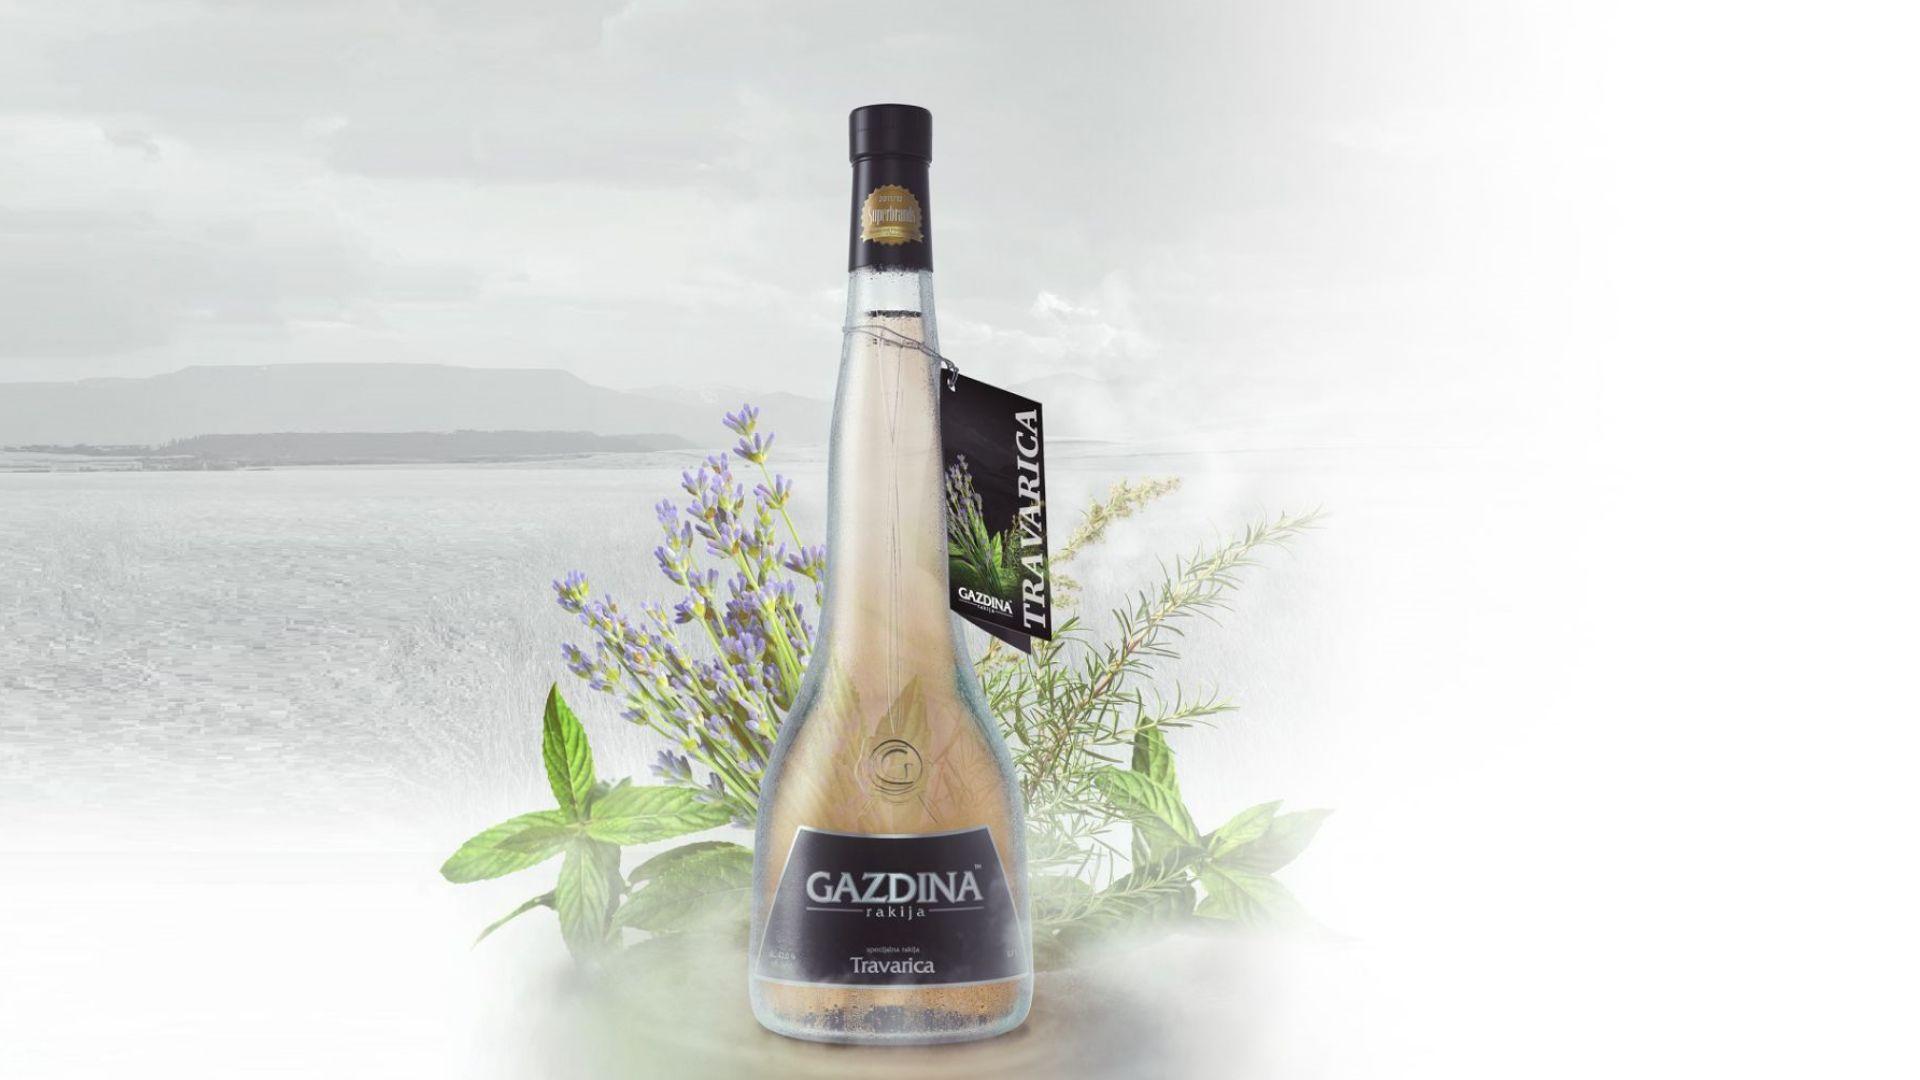 Gazdina rakija travarica – Skrivena aroma dobrodošlice, zdravlja i pravih vrijednosti u jednoj čašici